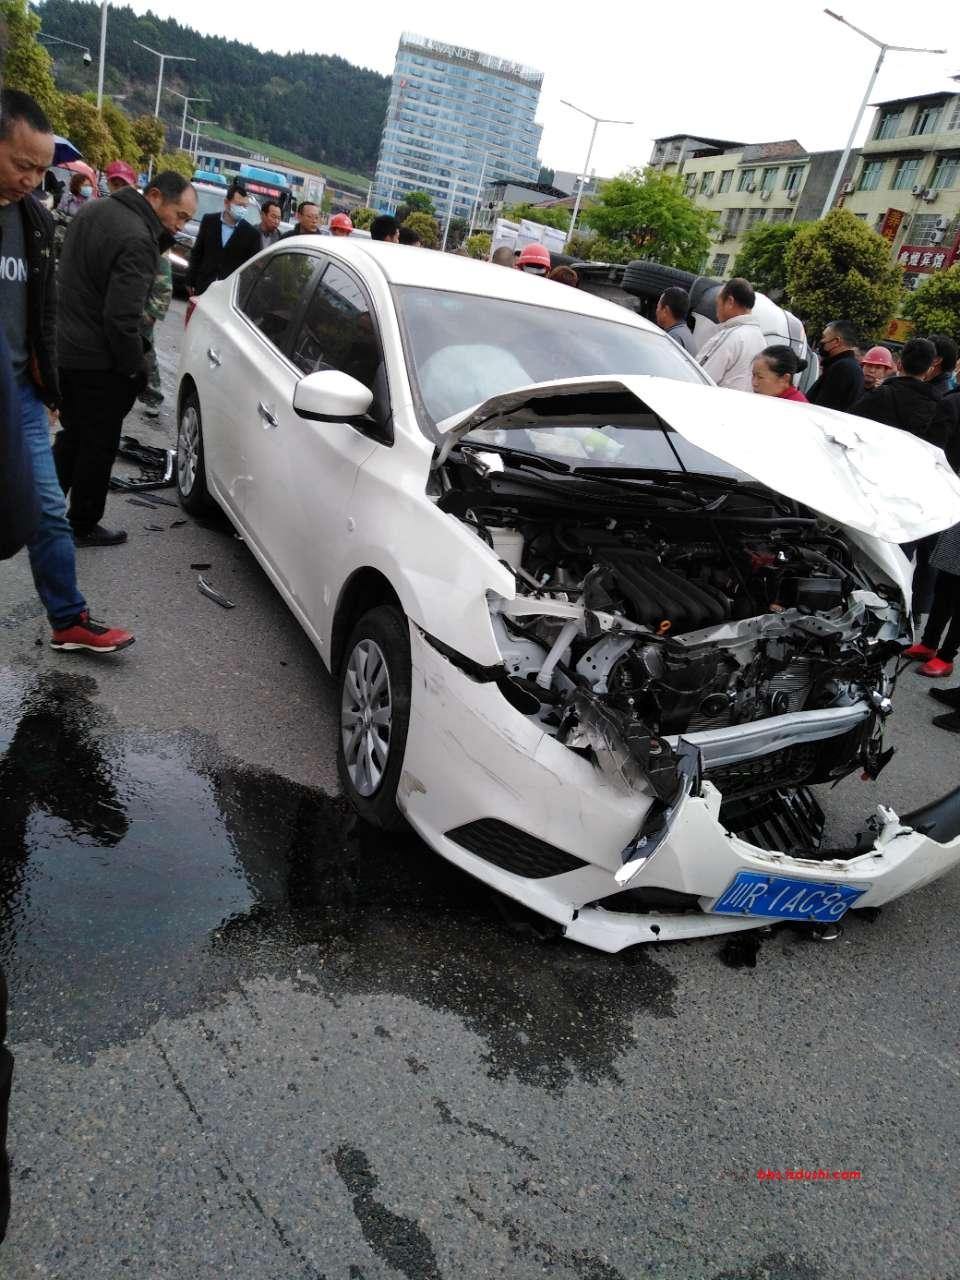 七里开发区人民广场海棠路口发生严重车祸。